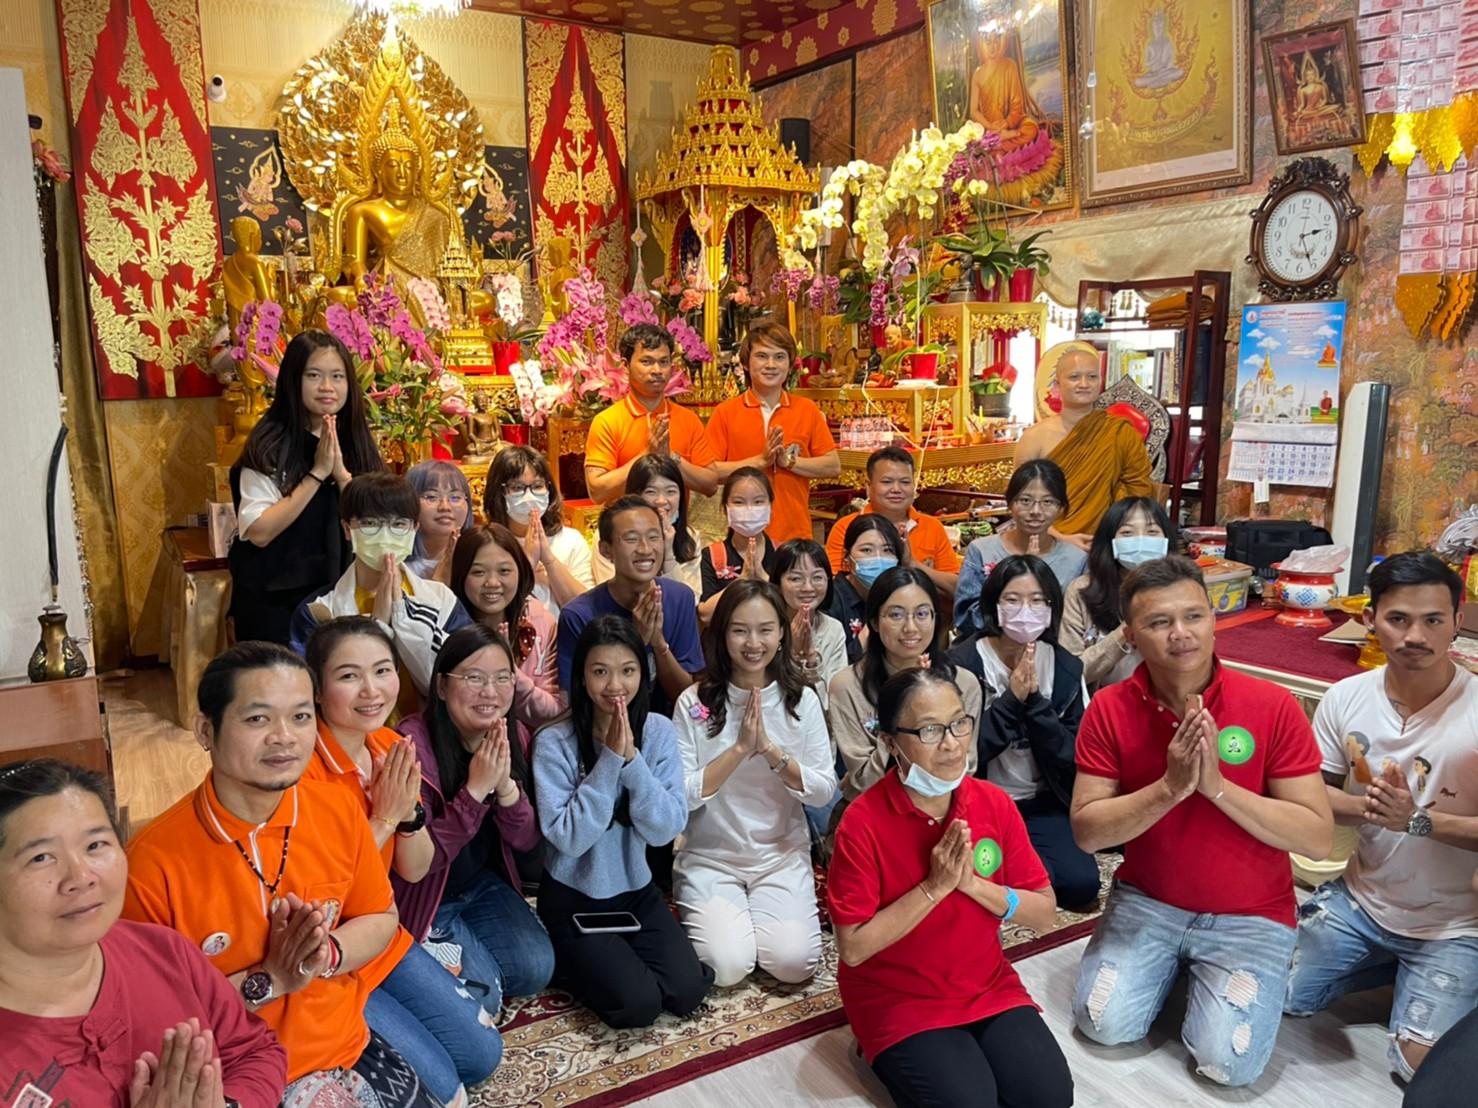 《東南亞宗教》課程帶領學生前往台南「永康泰國寺廟」進行文化交流